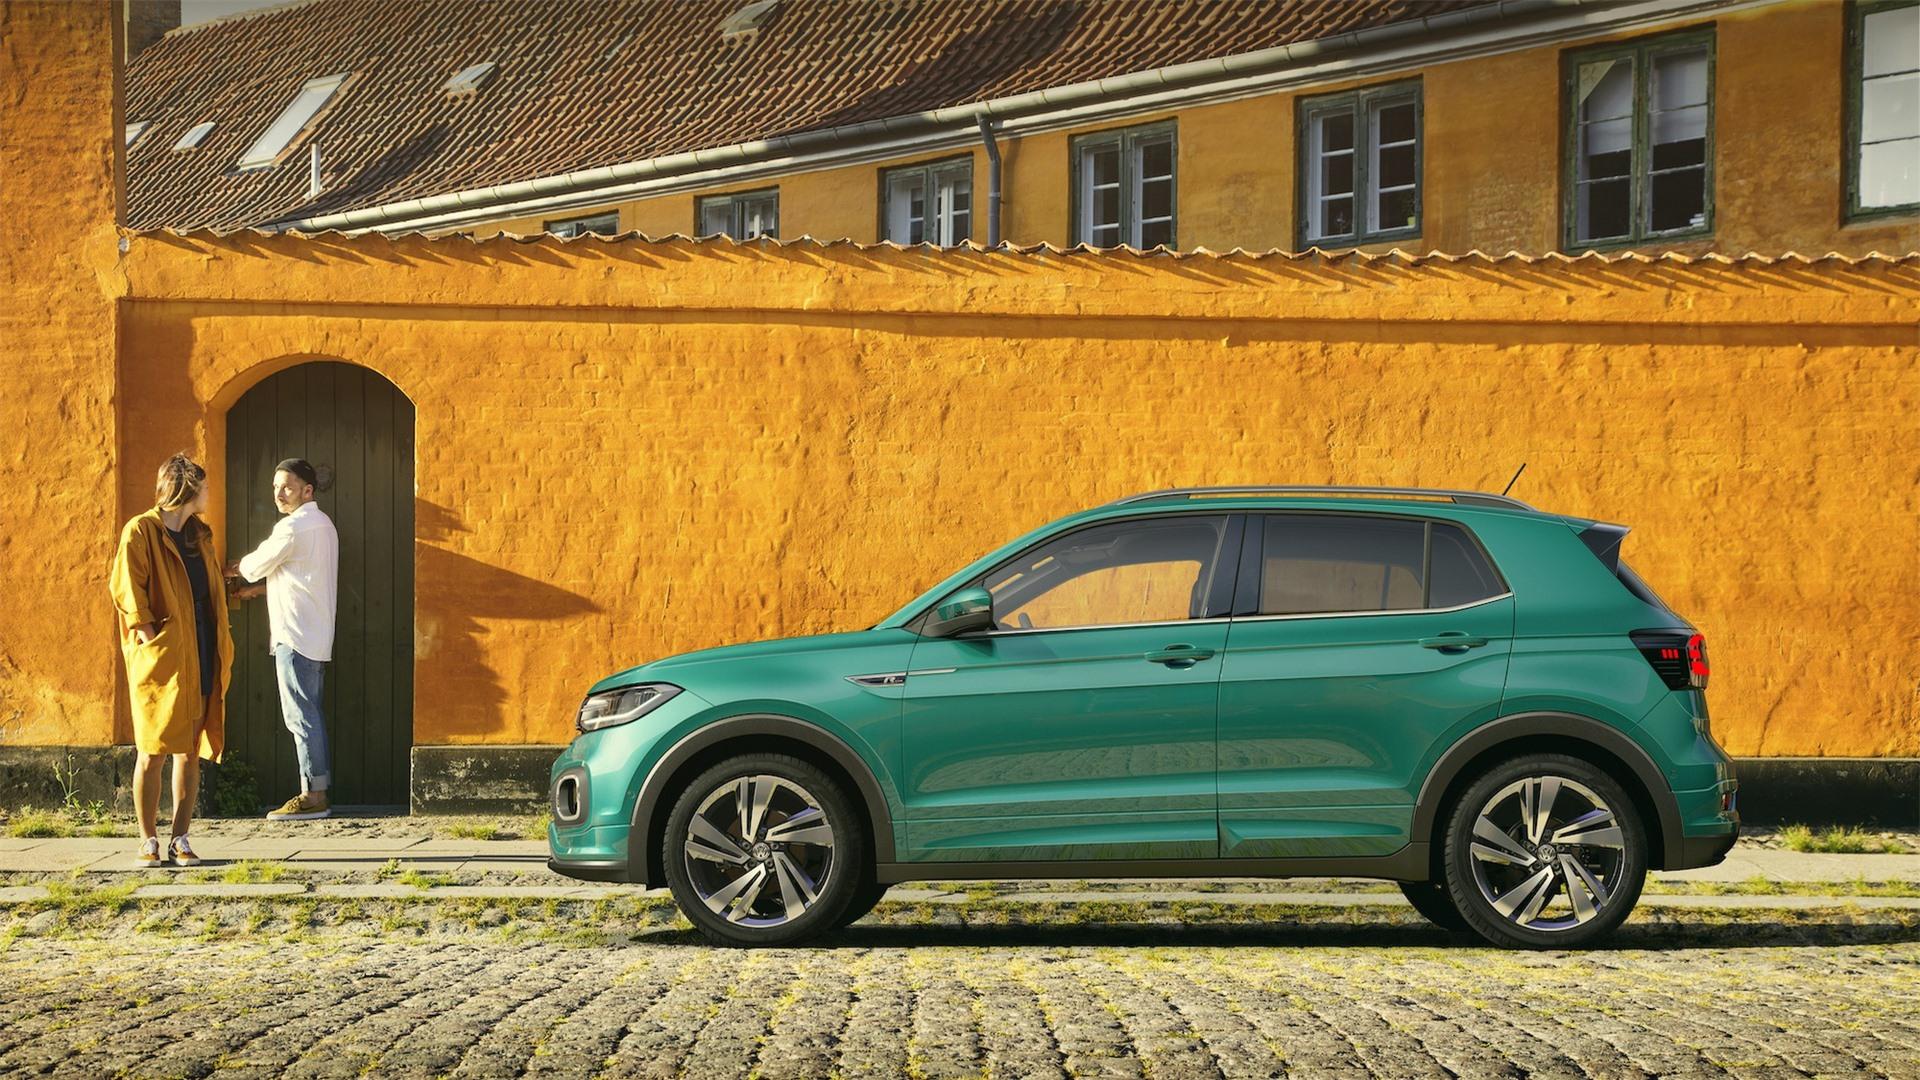 Volkswagen sap gioi thieu 2 mau xe gam cao moi tai VN anh 6